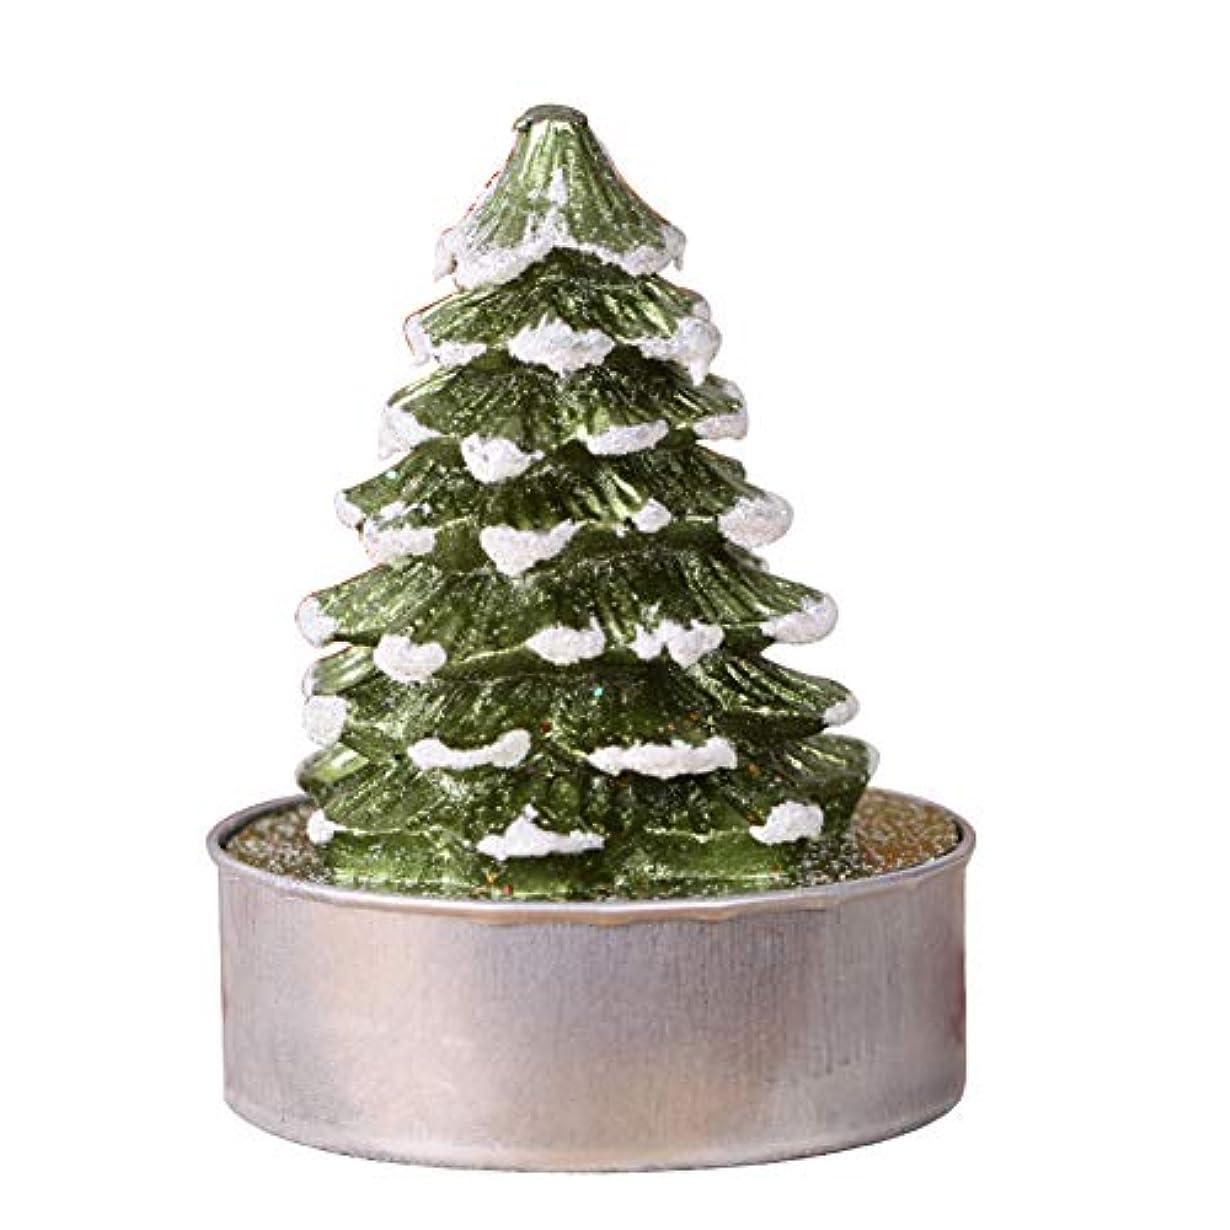 論争的トラック部族2点セット、クリスマスの手工芸品のキャンドル、装飾手描きのクリスマスツリーの大きな茶ワックス